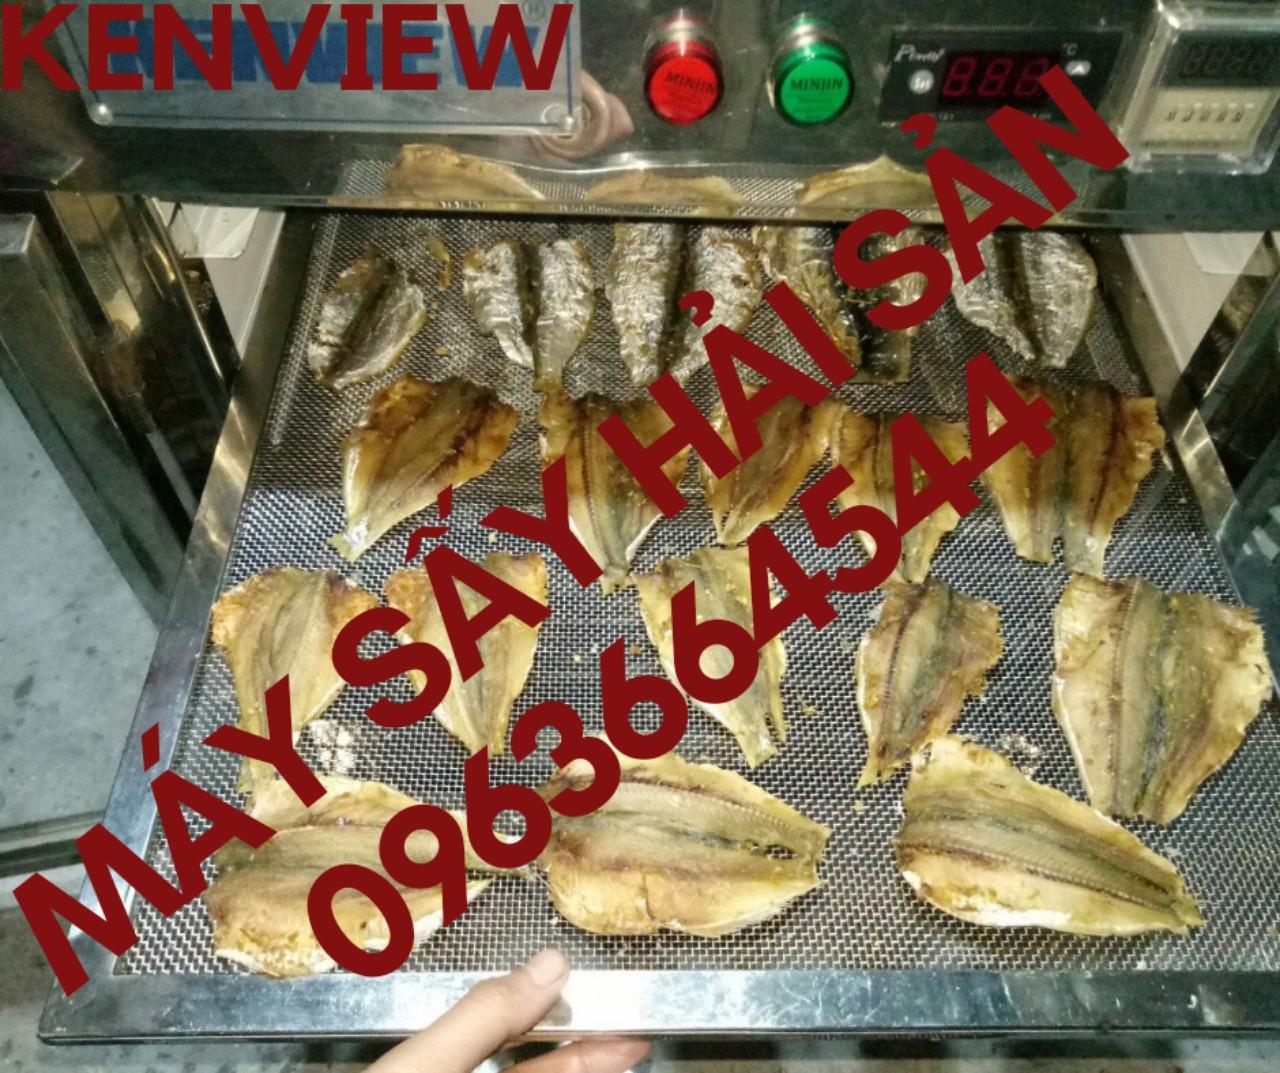 Máy sấy cá khô, tôm khô, máy sấy hải sản chuyên nghiệp 0963664544